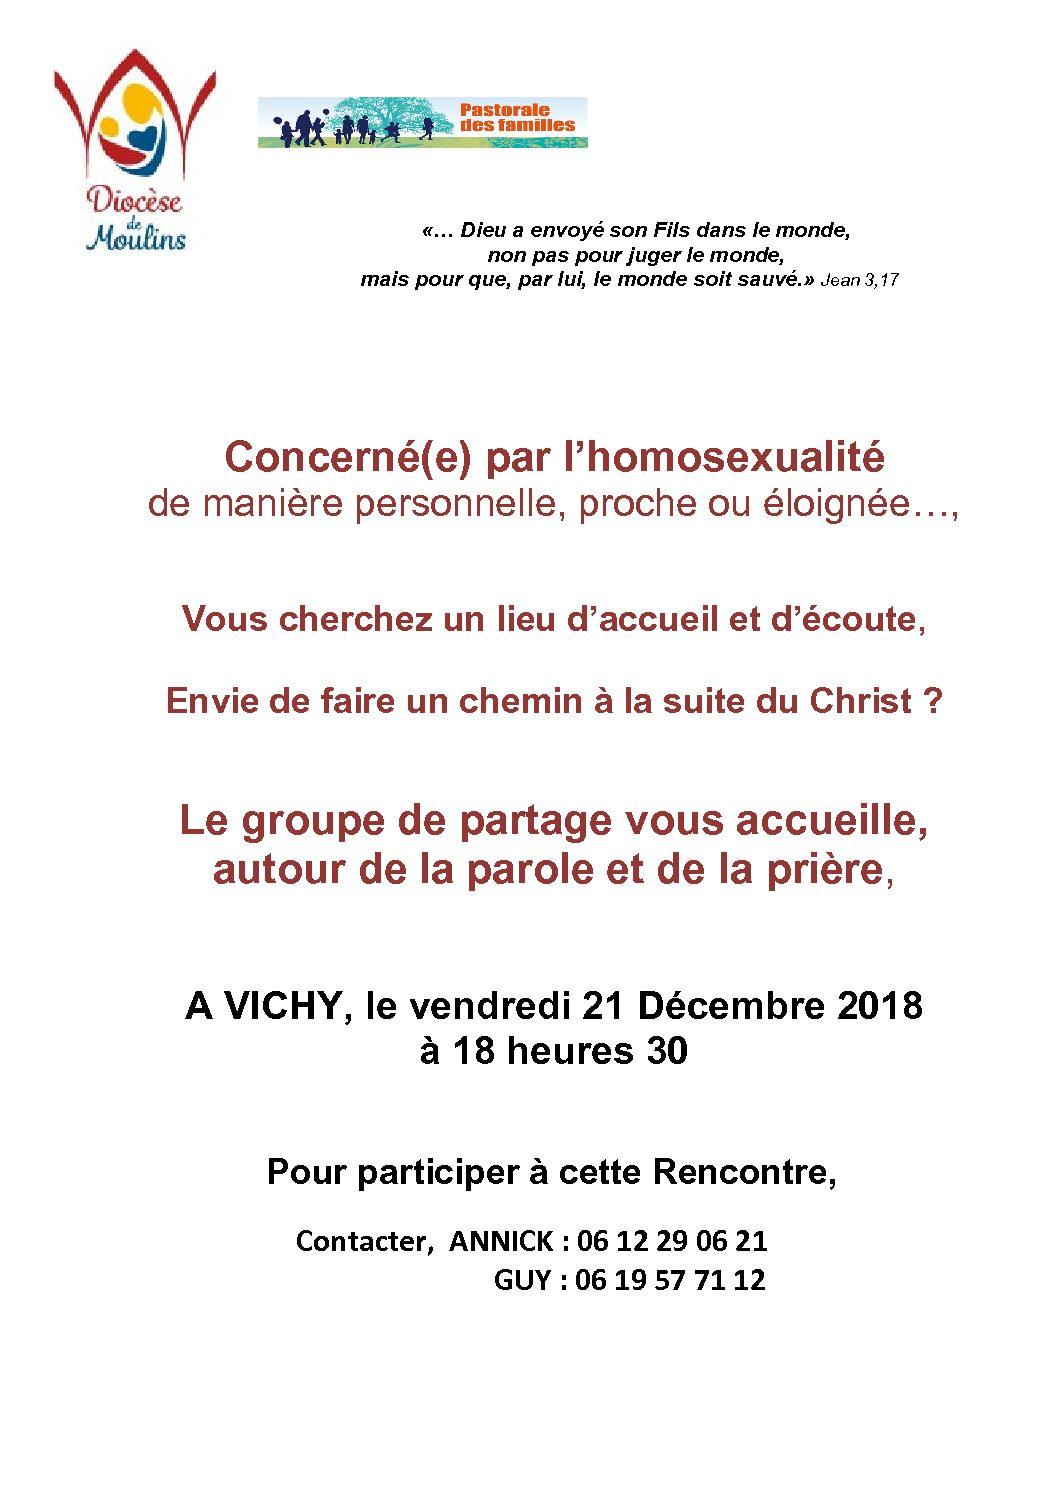 Groupe d'écoute et de partage diocésain pour les personnes concernées par l'homosexualité (parents ou personnes)